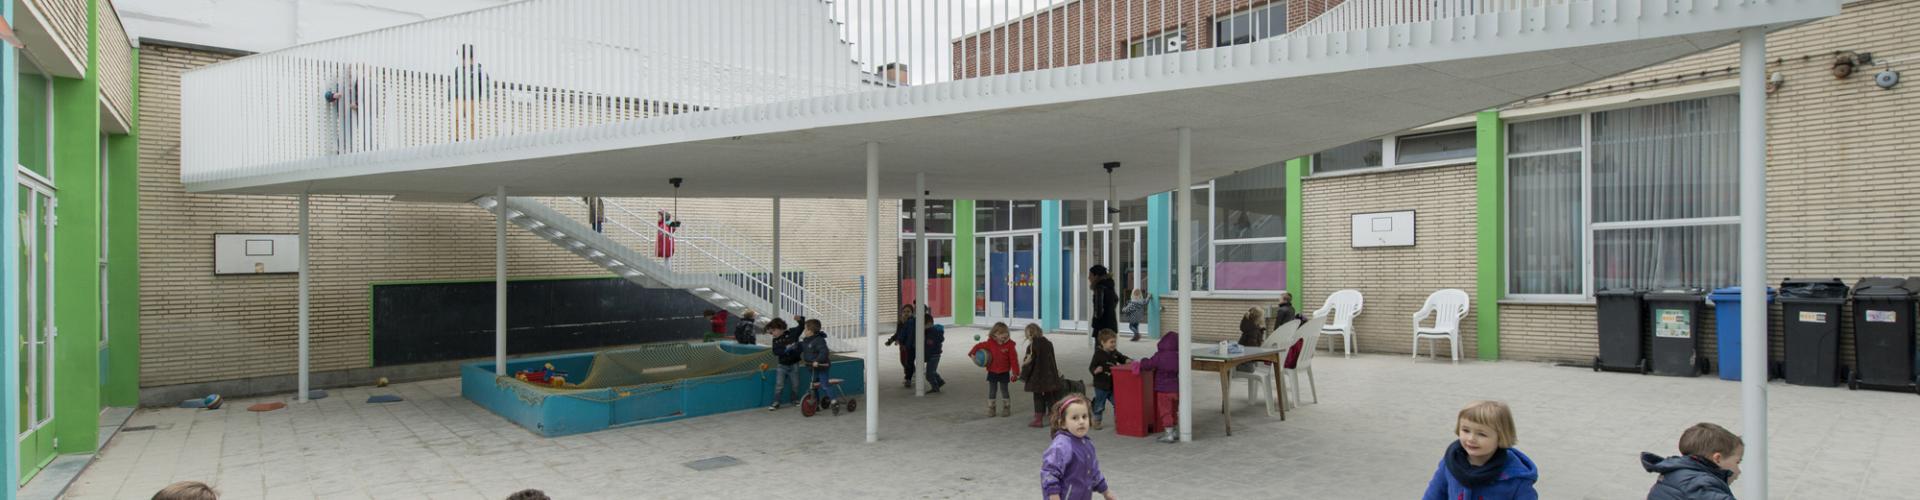 Stedelijke Basisschool Prins Dries Antwerpen